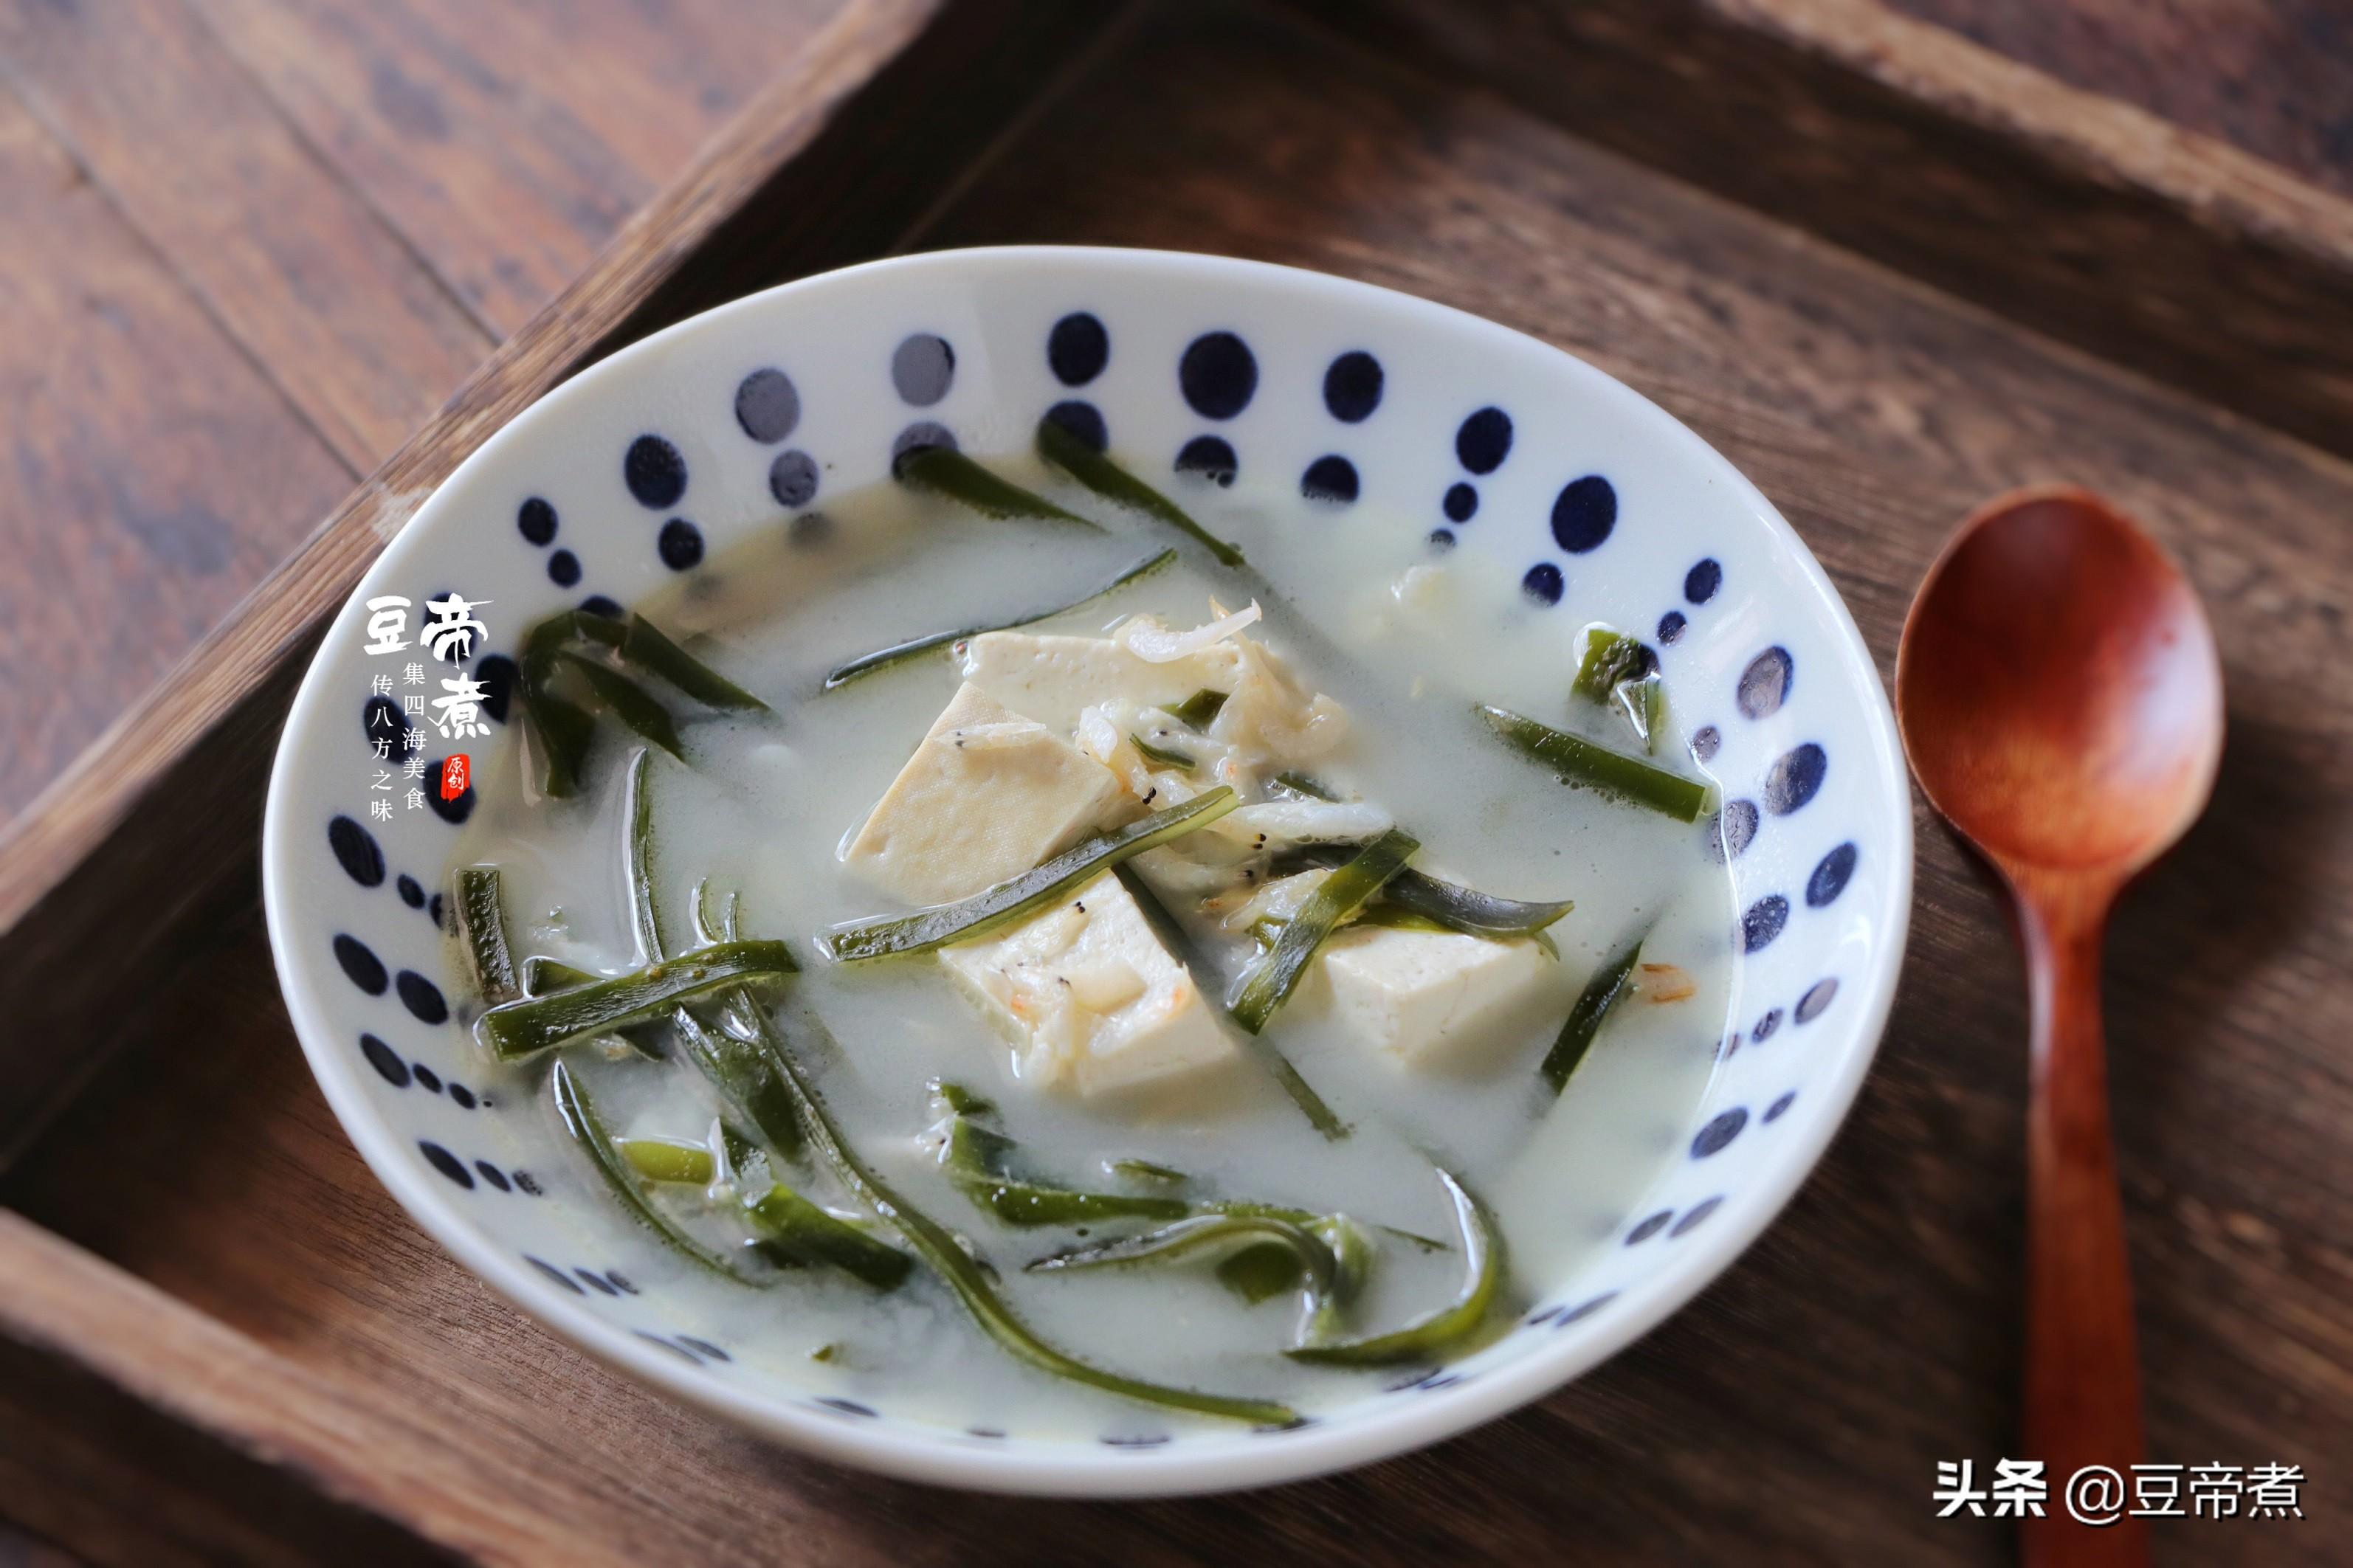 立秋后口干舌燥是正常,平时要多喝汤,分享您6道营养的好汤喝